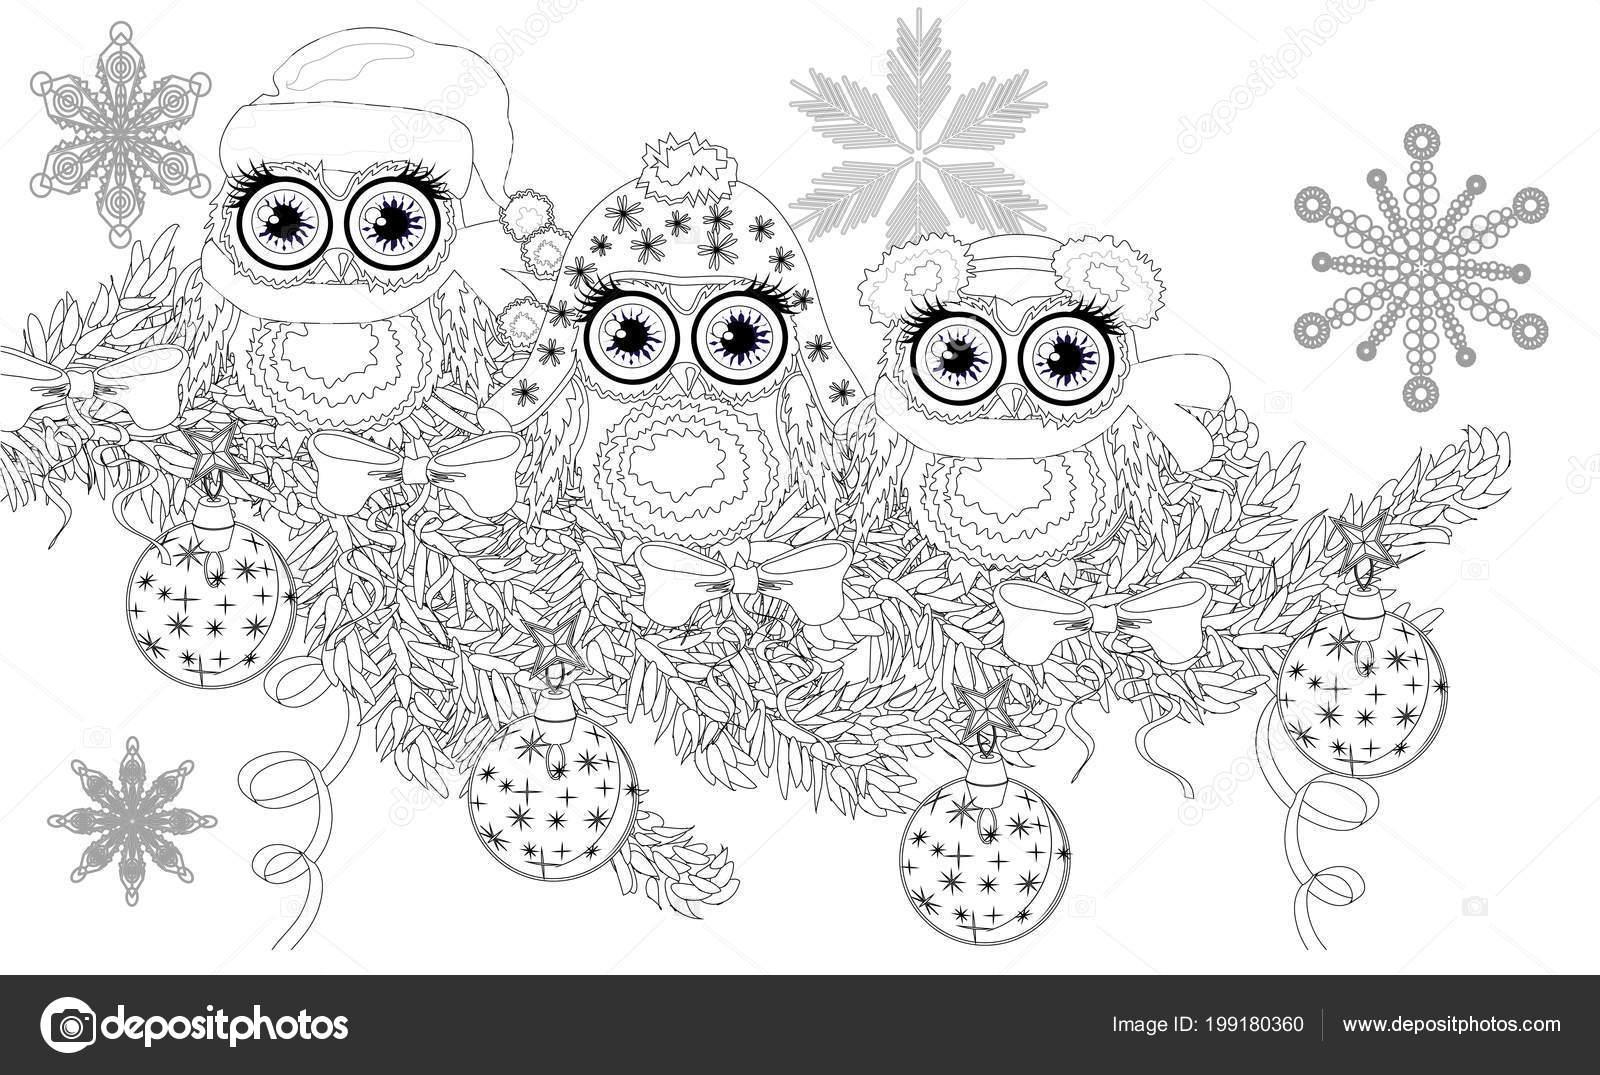 Malvorlagen Buch Von Eule Und Weihnachtsbaum Für Erwachsene Und Alte ...